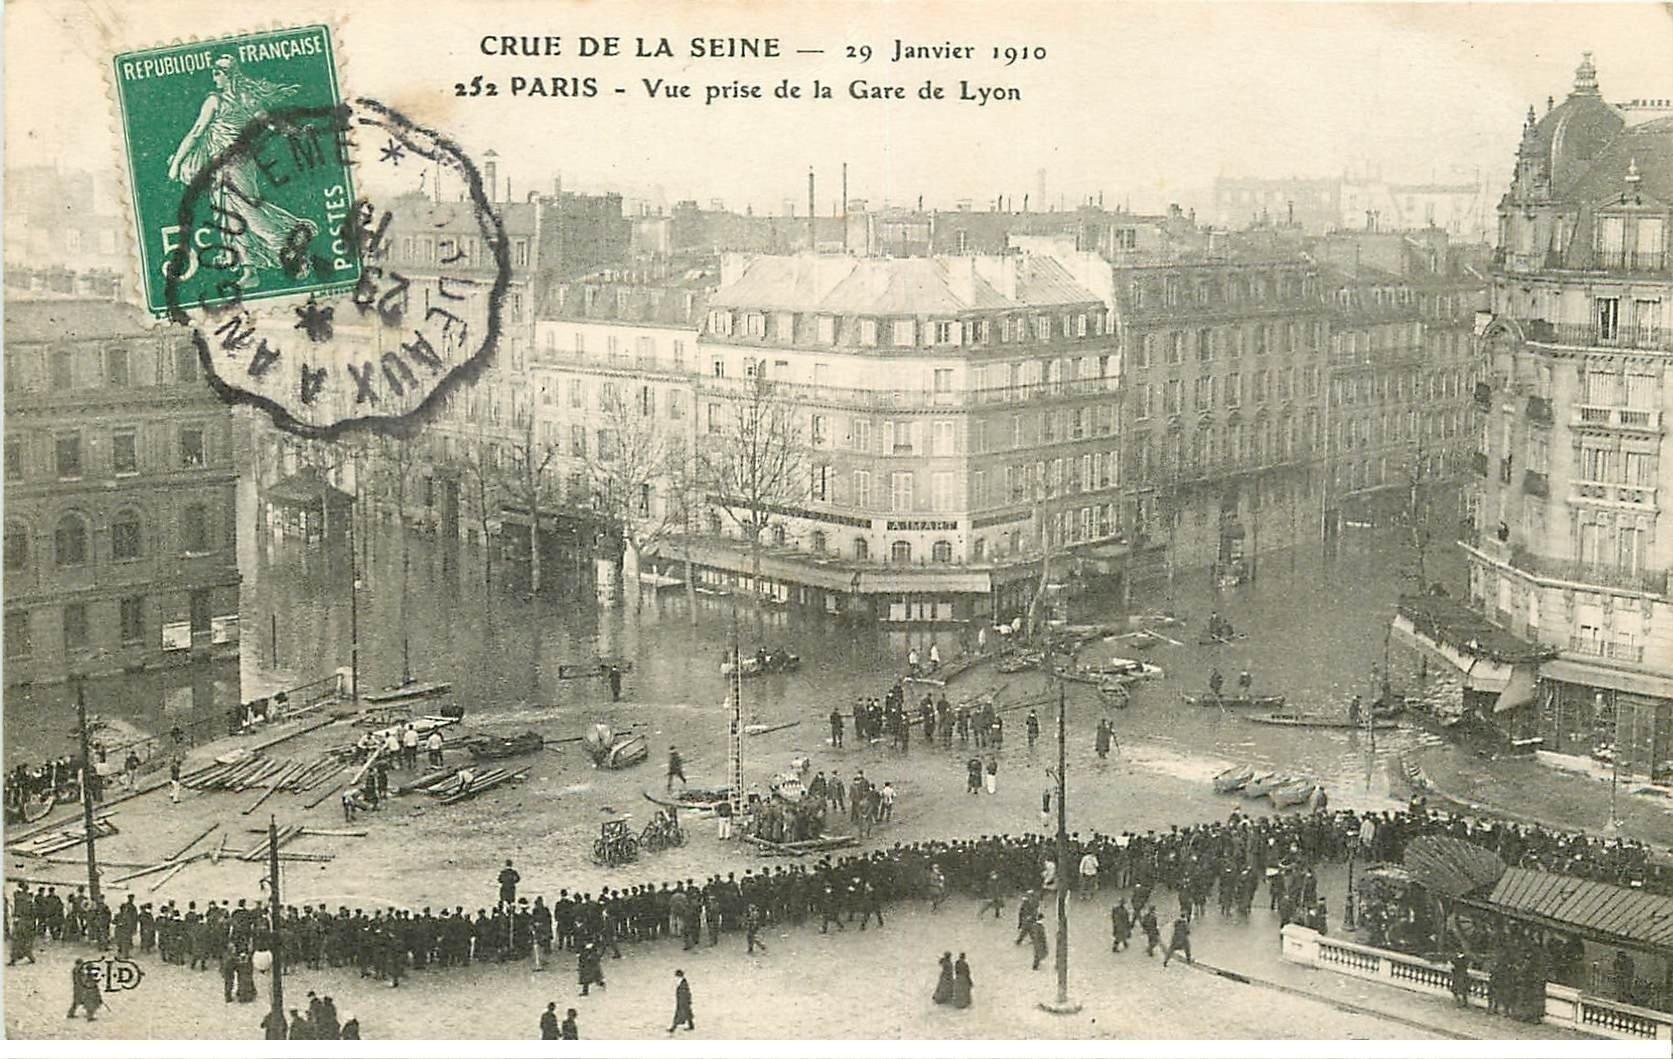 carte postale ancienne INONDATION ET CRUE PARIS 1910. Boulevard Diderot et Rue de Lyon pris de la Gare de Lyon